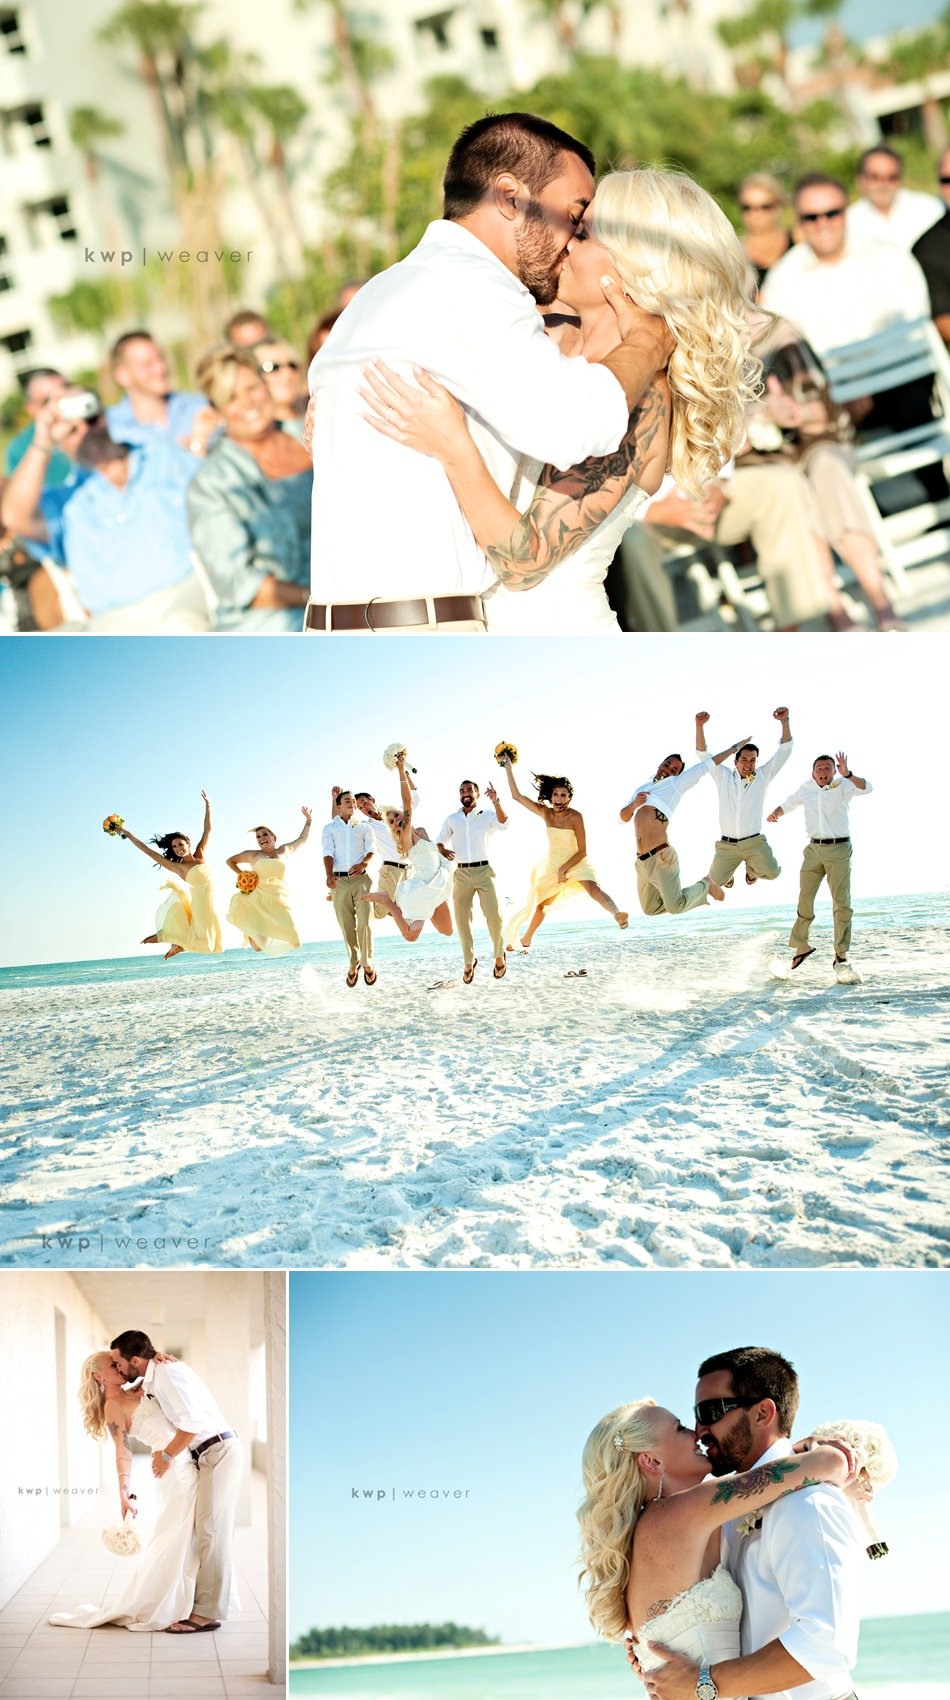 Fall-wedding-on-beach-mermaid-wedding-dress-retro-wedding-hairstyle.full